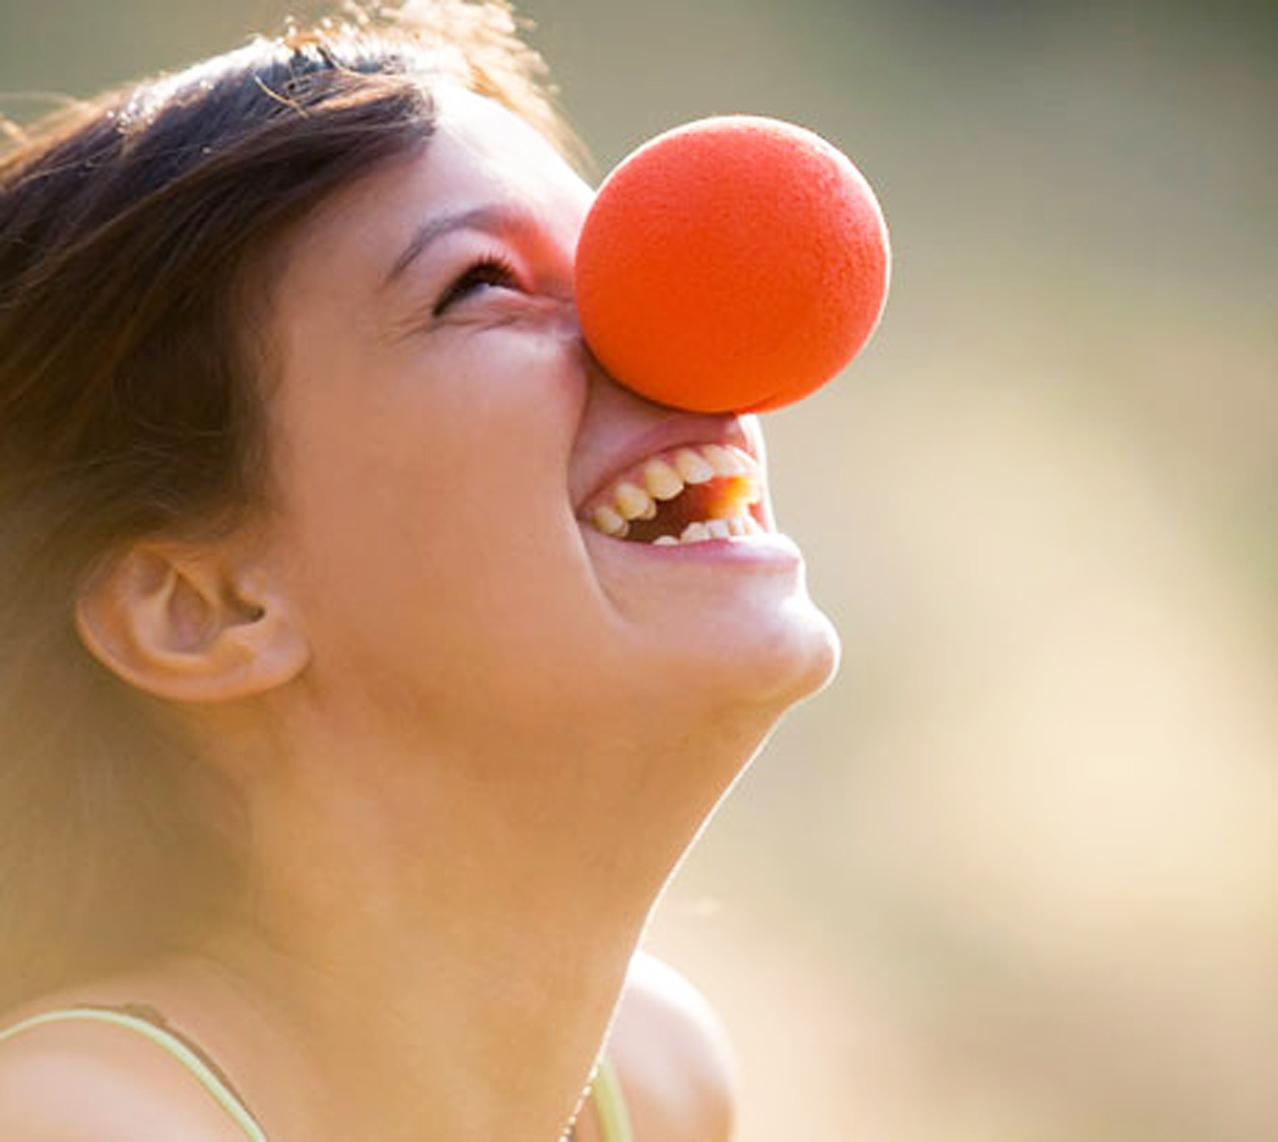 Consulta m dica suma felicidad centro m dico caduceo salud for Espejo que no invierte la imagen